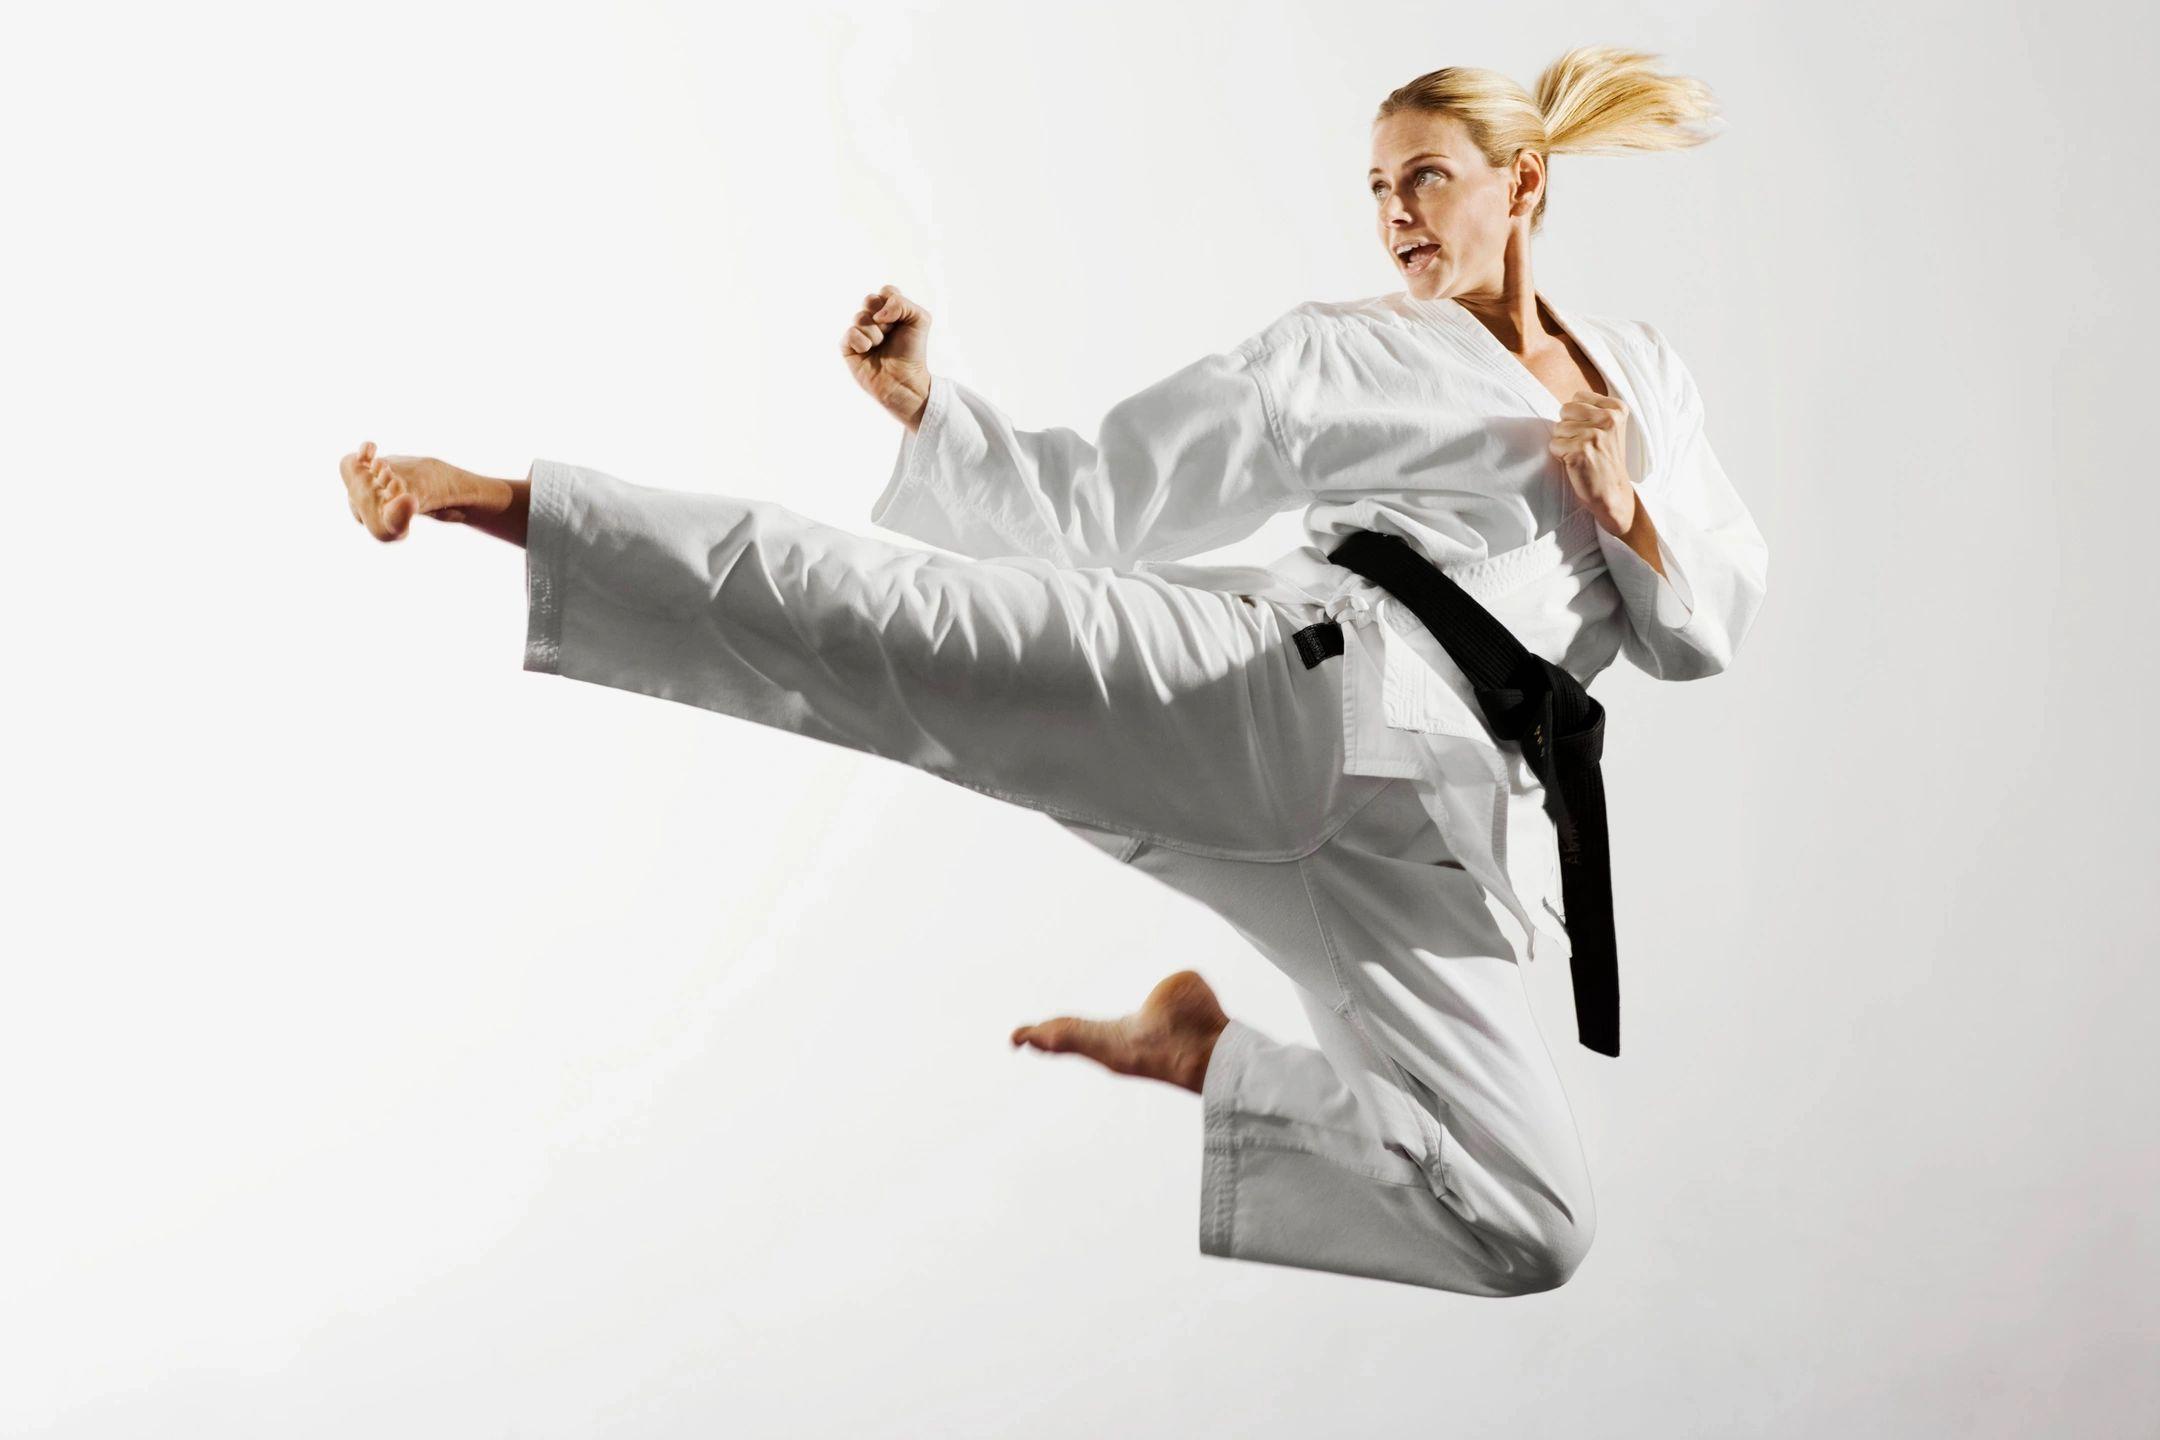 Amarillo Karate-Taekwon Do - Karate, Martial Arts, Taekwondo